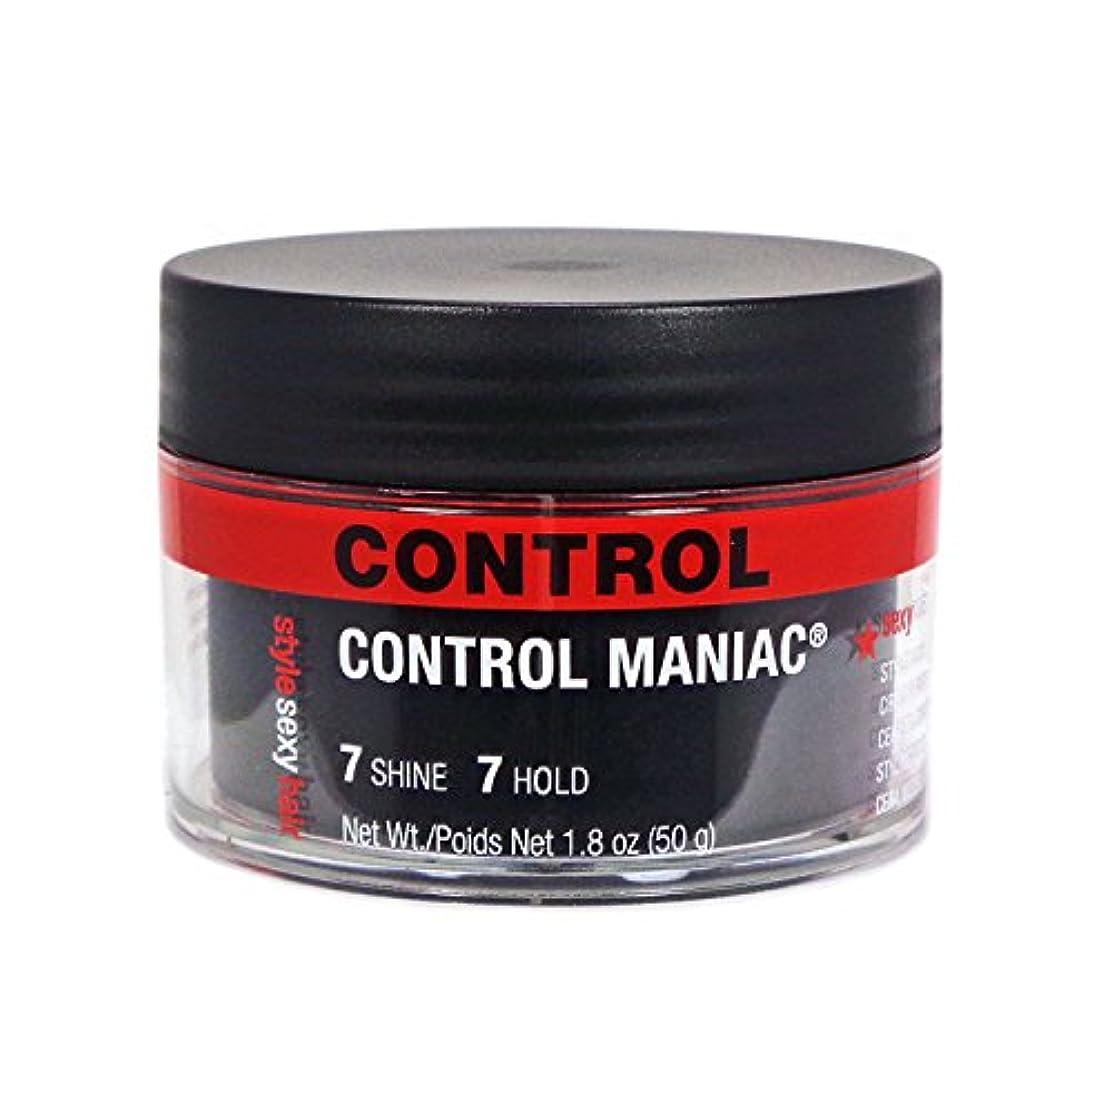 マイコン修正布セクシーヘアコンセプト スタイルワックスコントロールマニアックスタイリングワックス 50g